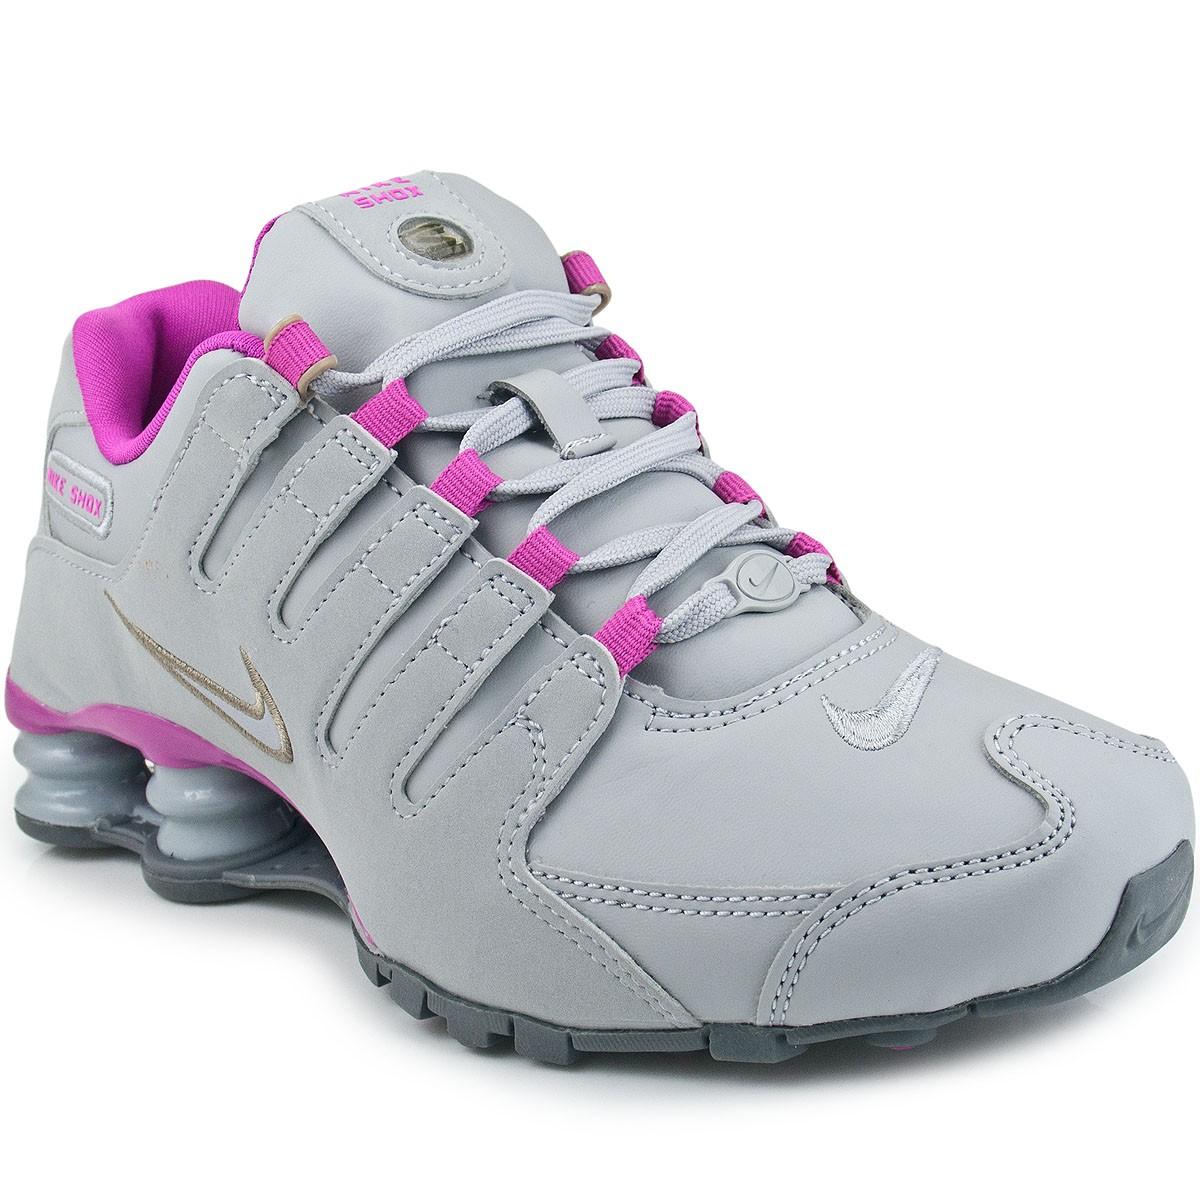 b4707c744b4 Tênis Nike Shox NZ W 314561